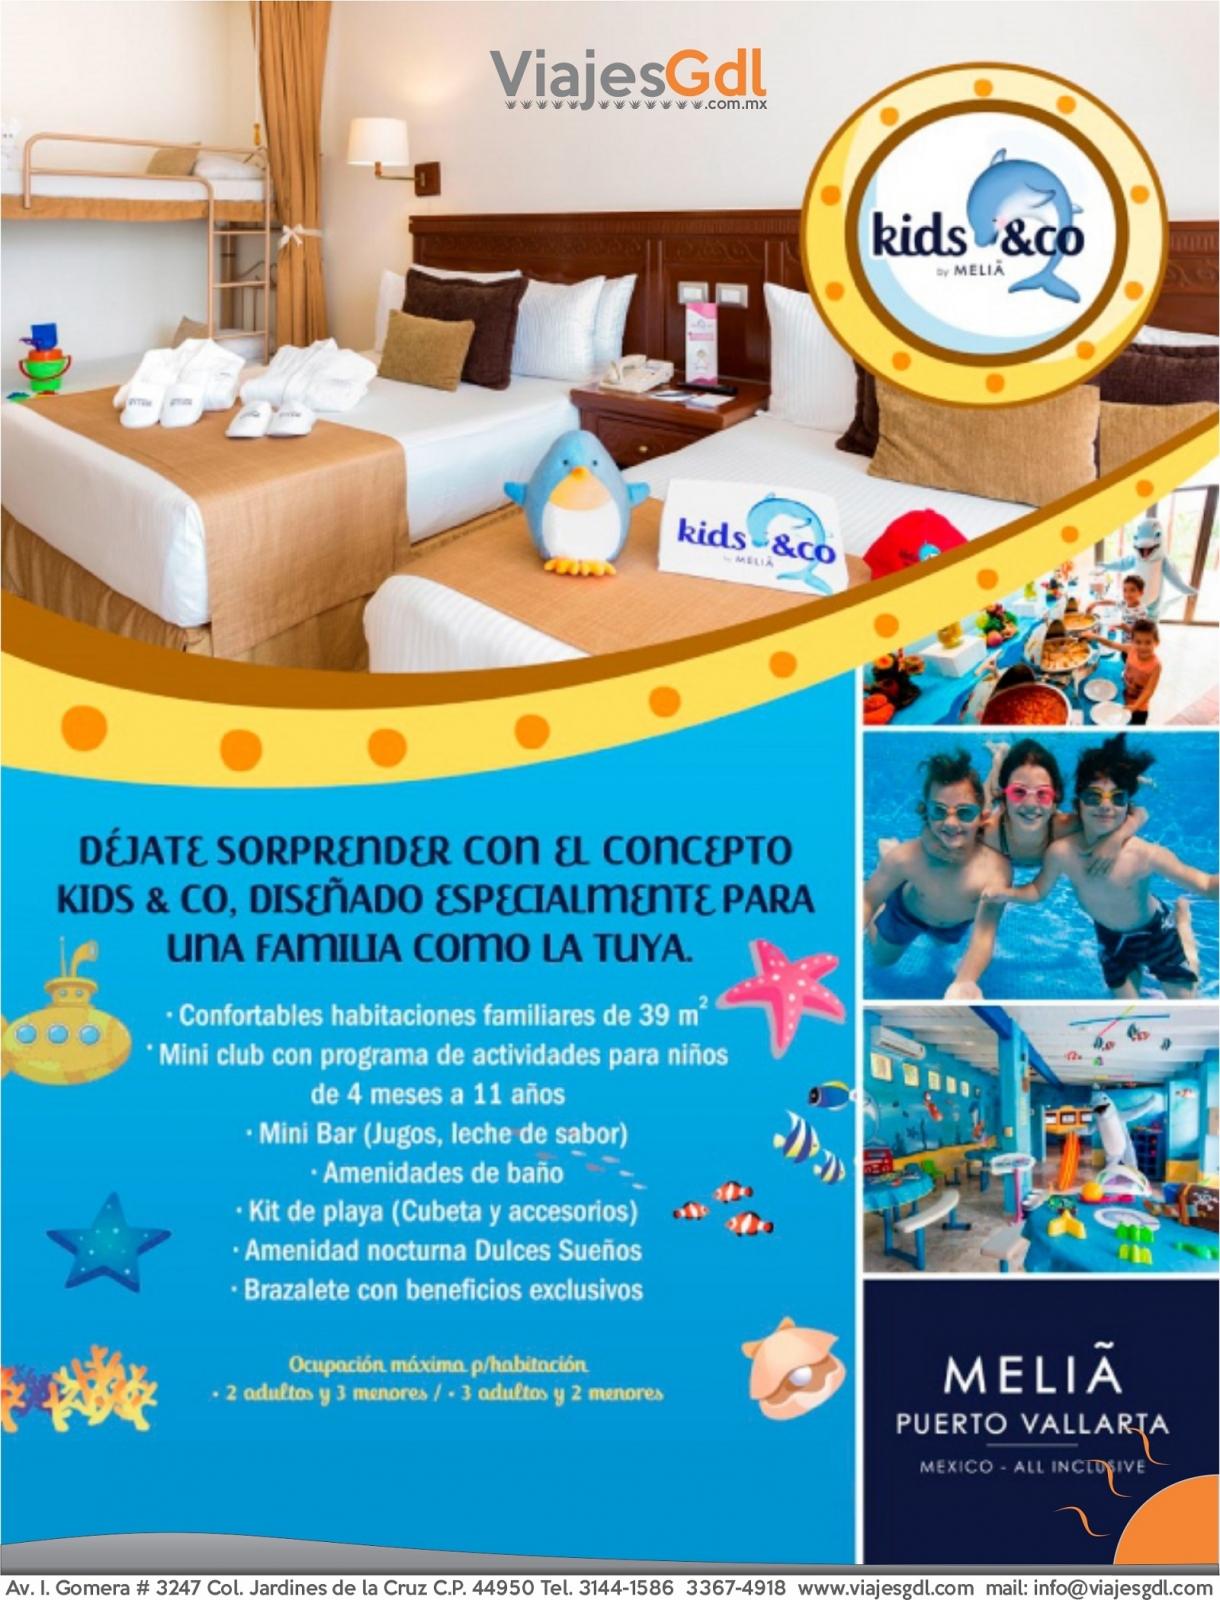 Melia Puerto Vallarta